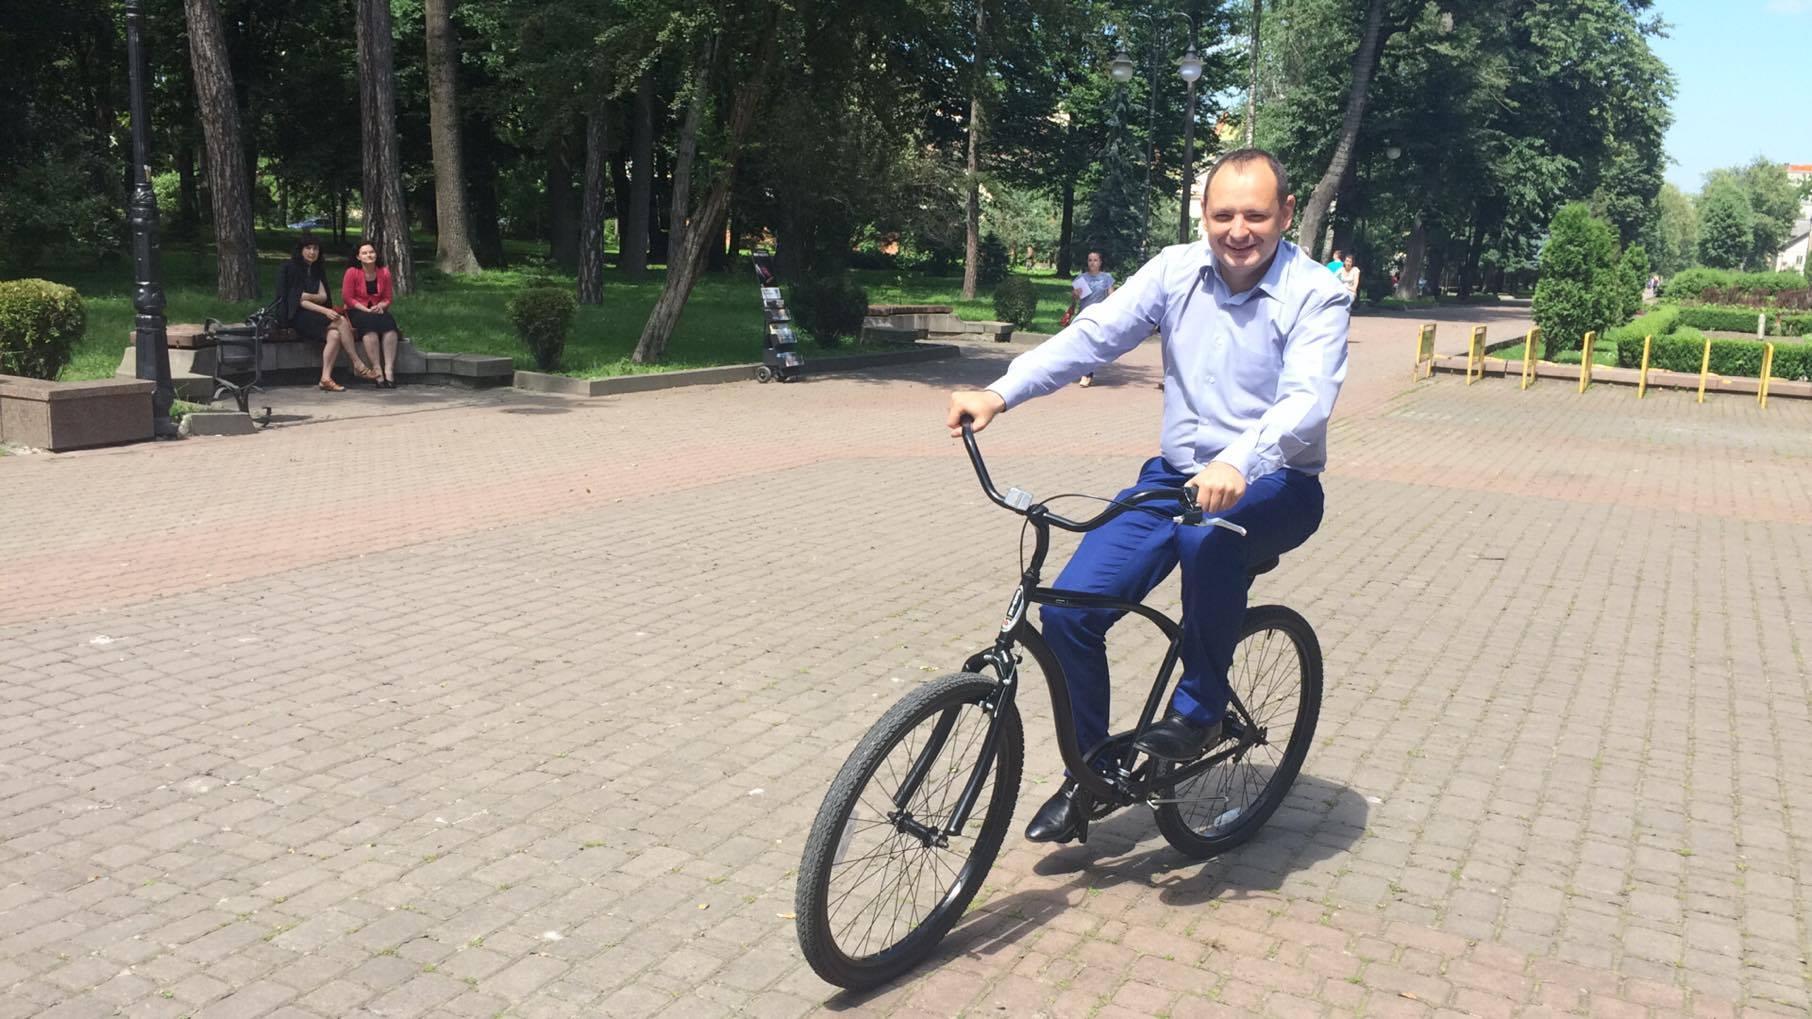 Мер Івано-Франківська  наказав усім чиновникам терміново купити велосипеди